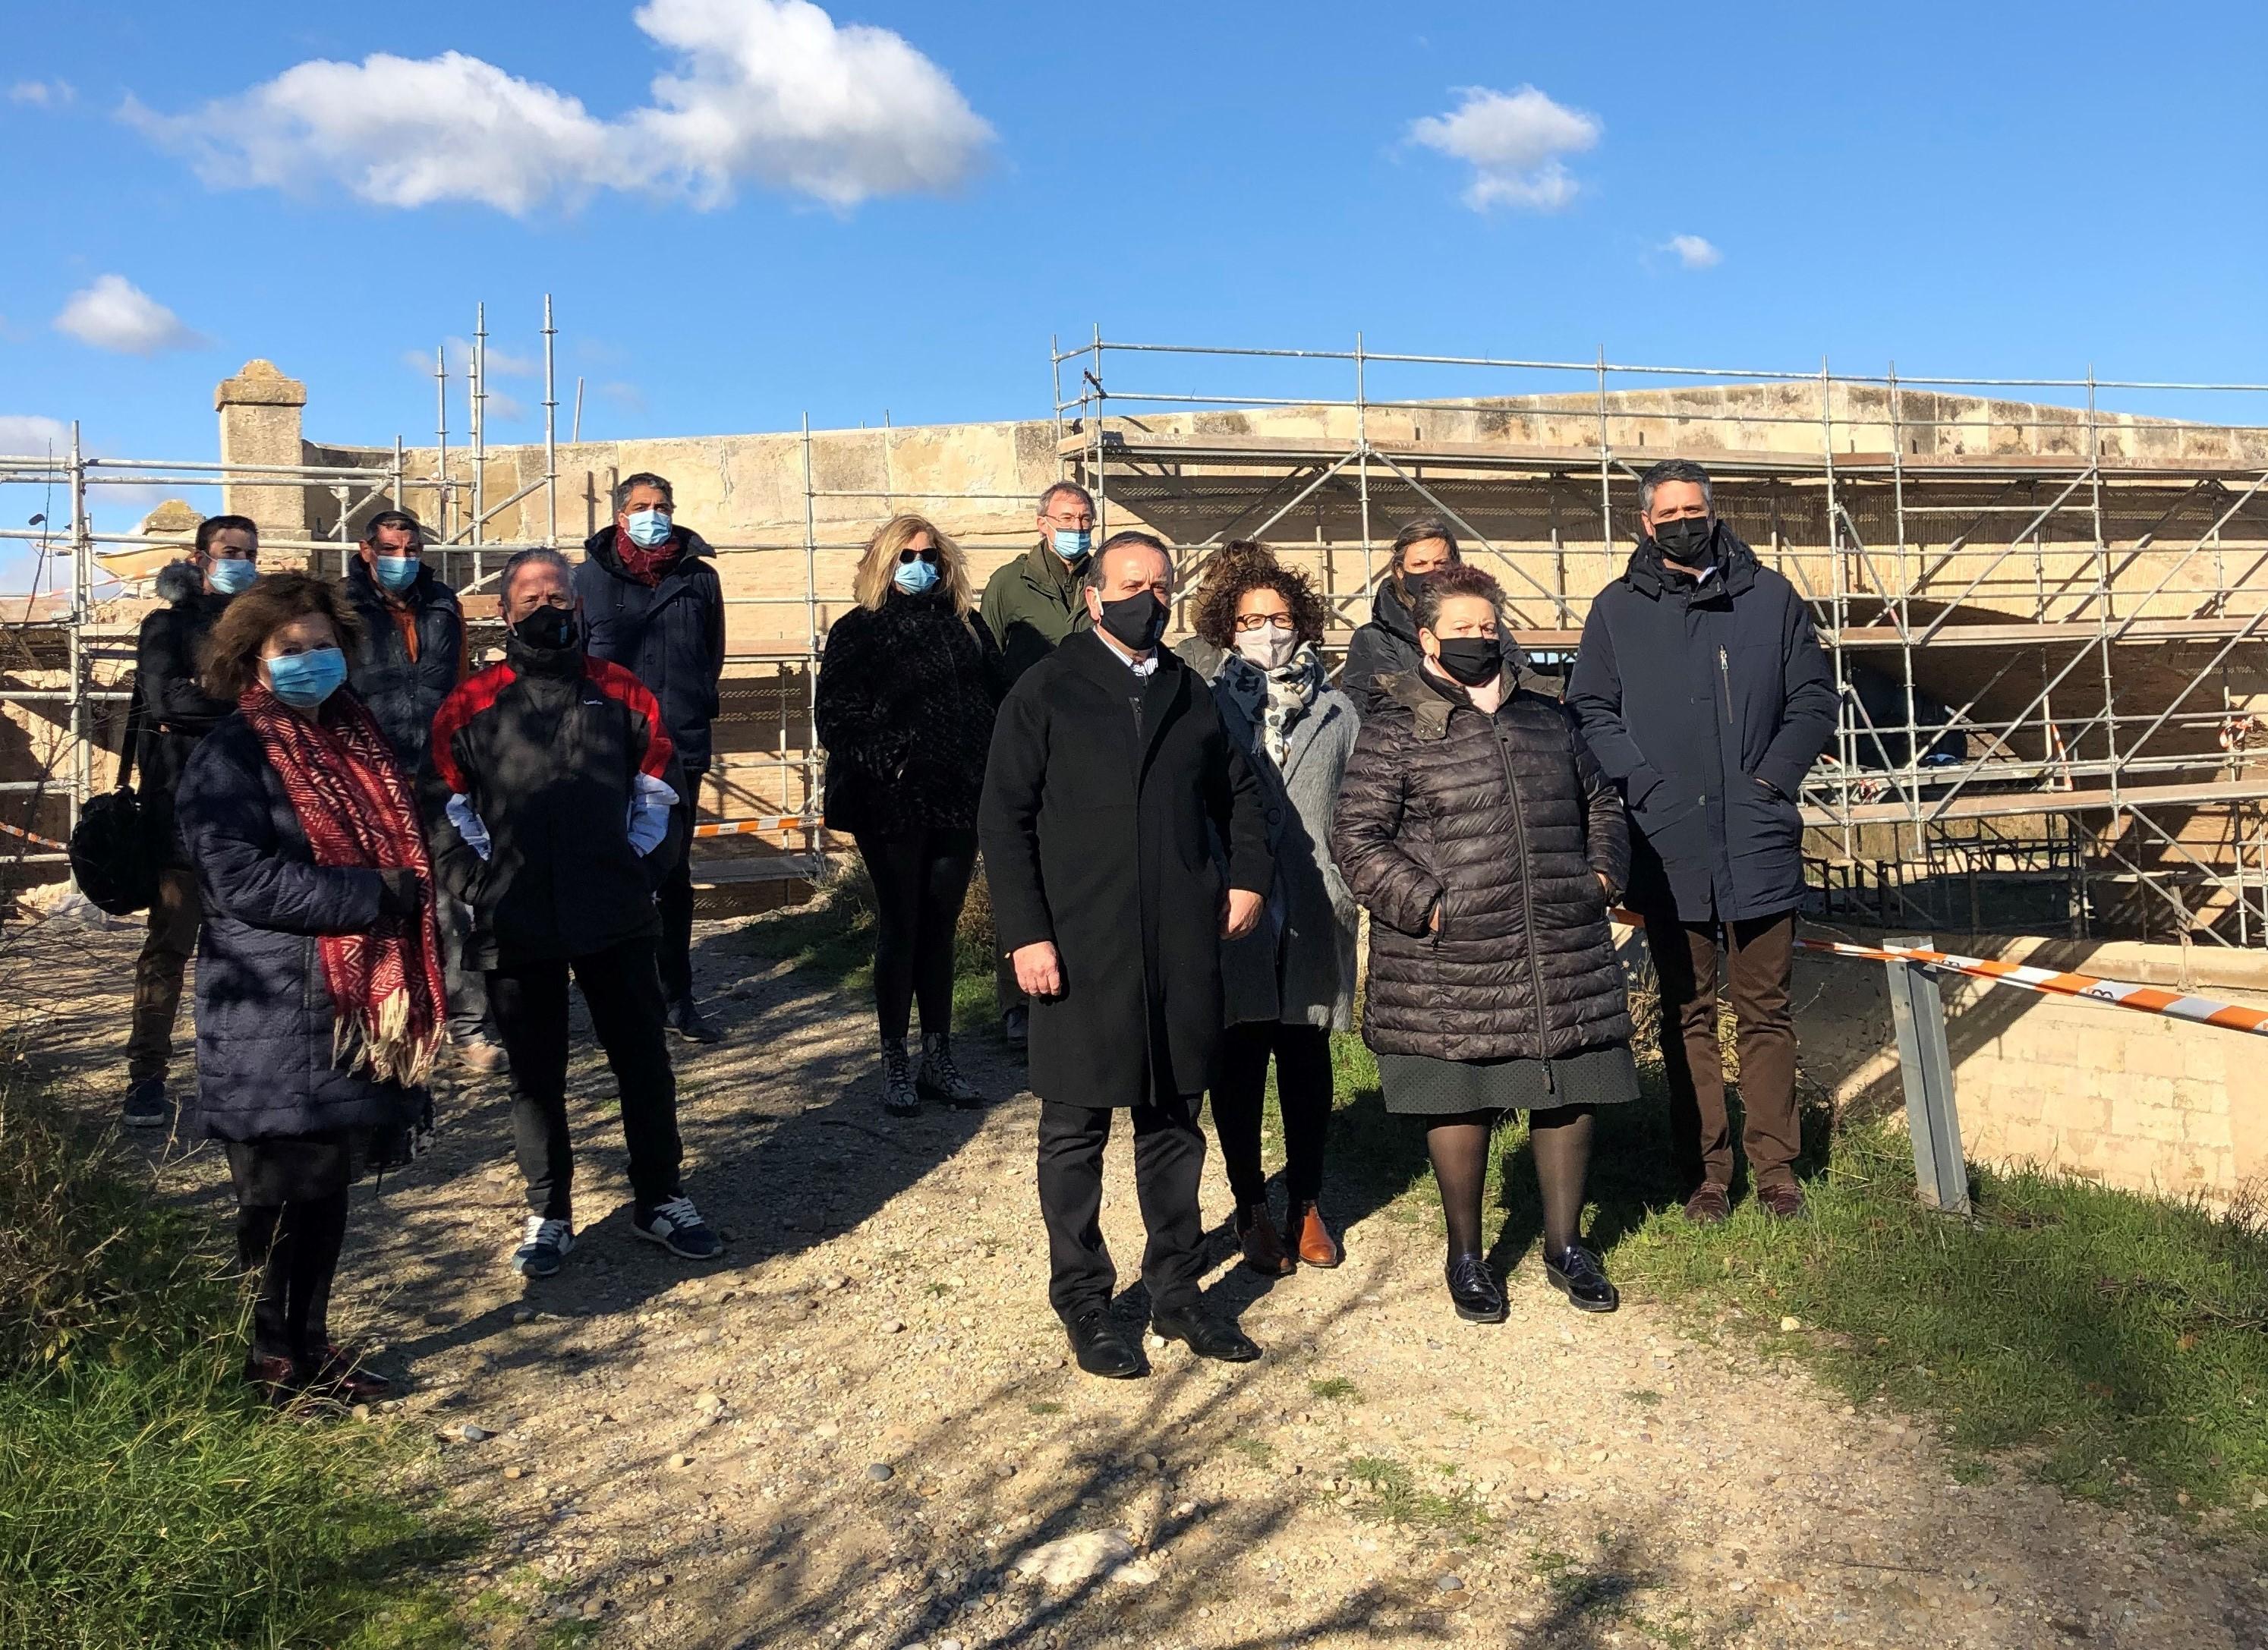 Los participantes en la visita, junto al puente sobre el Canal Imperial de Cortes.